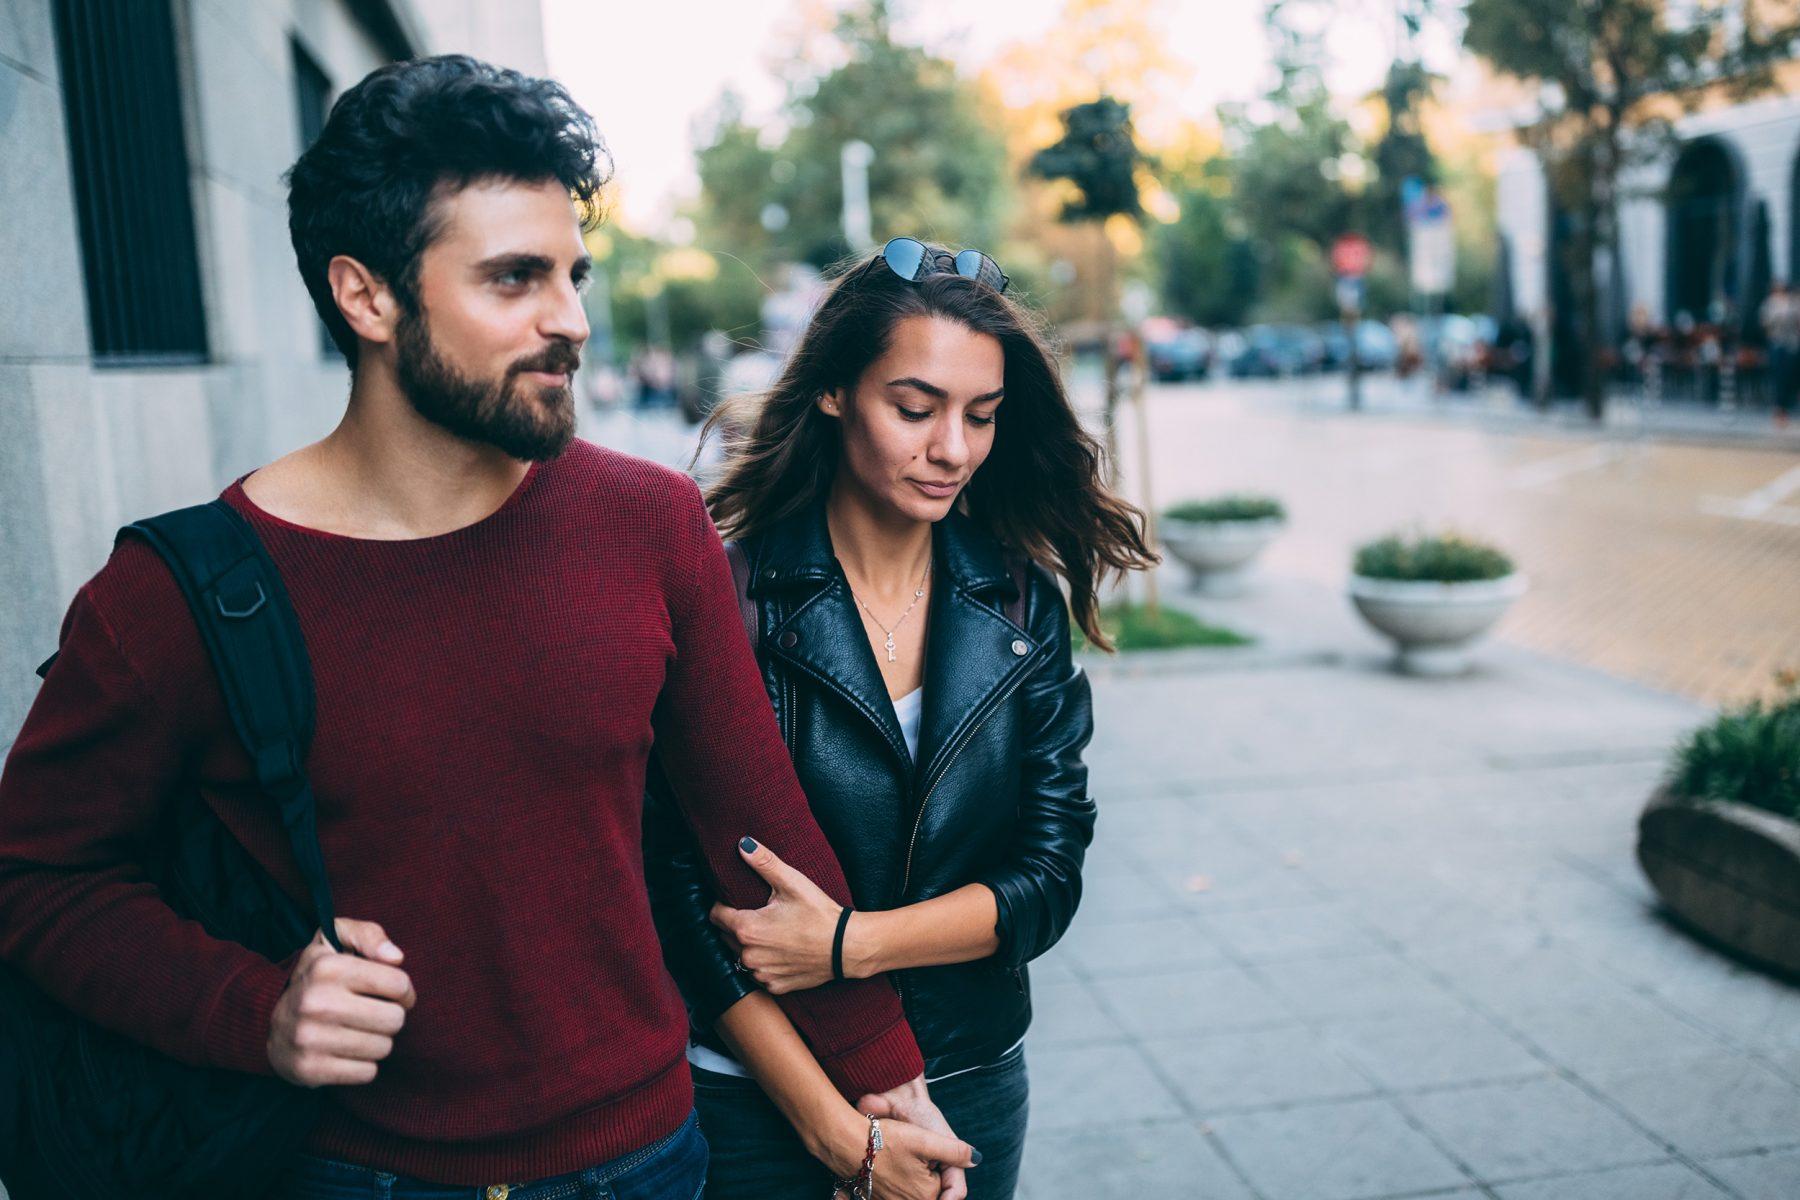 Αποφεύγει τις ρομαντικές σχέσεις: Πώς να αναγνωρίσεις αυτή την προσωπικότητα